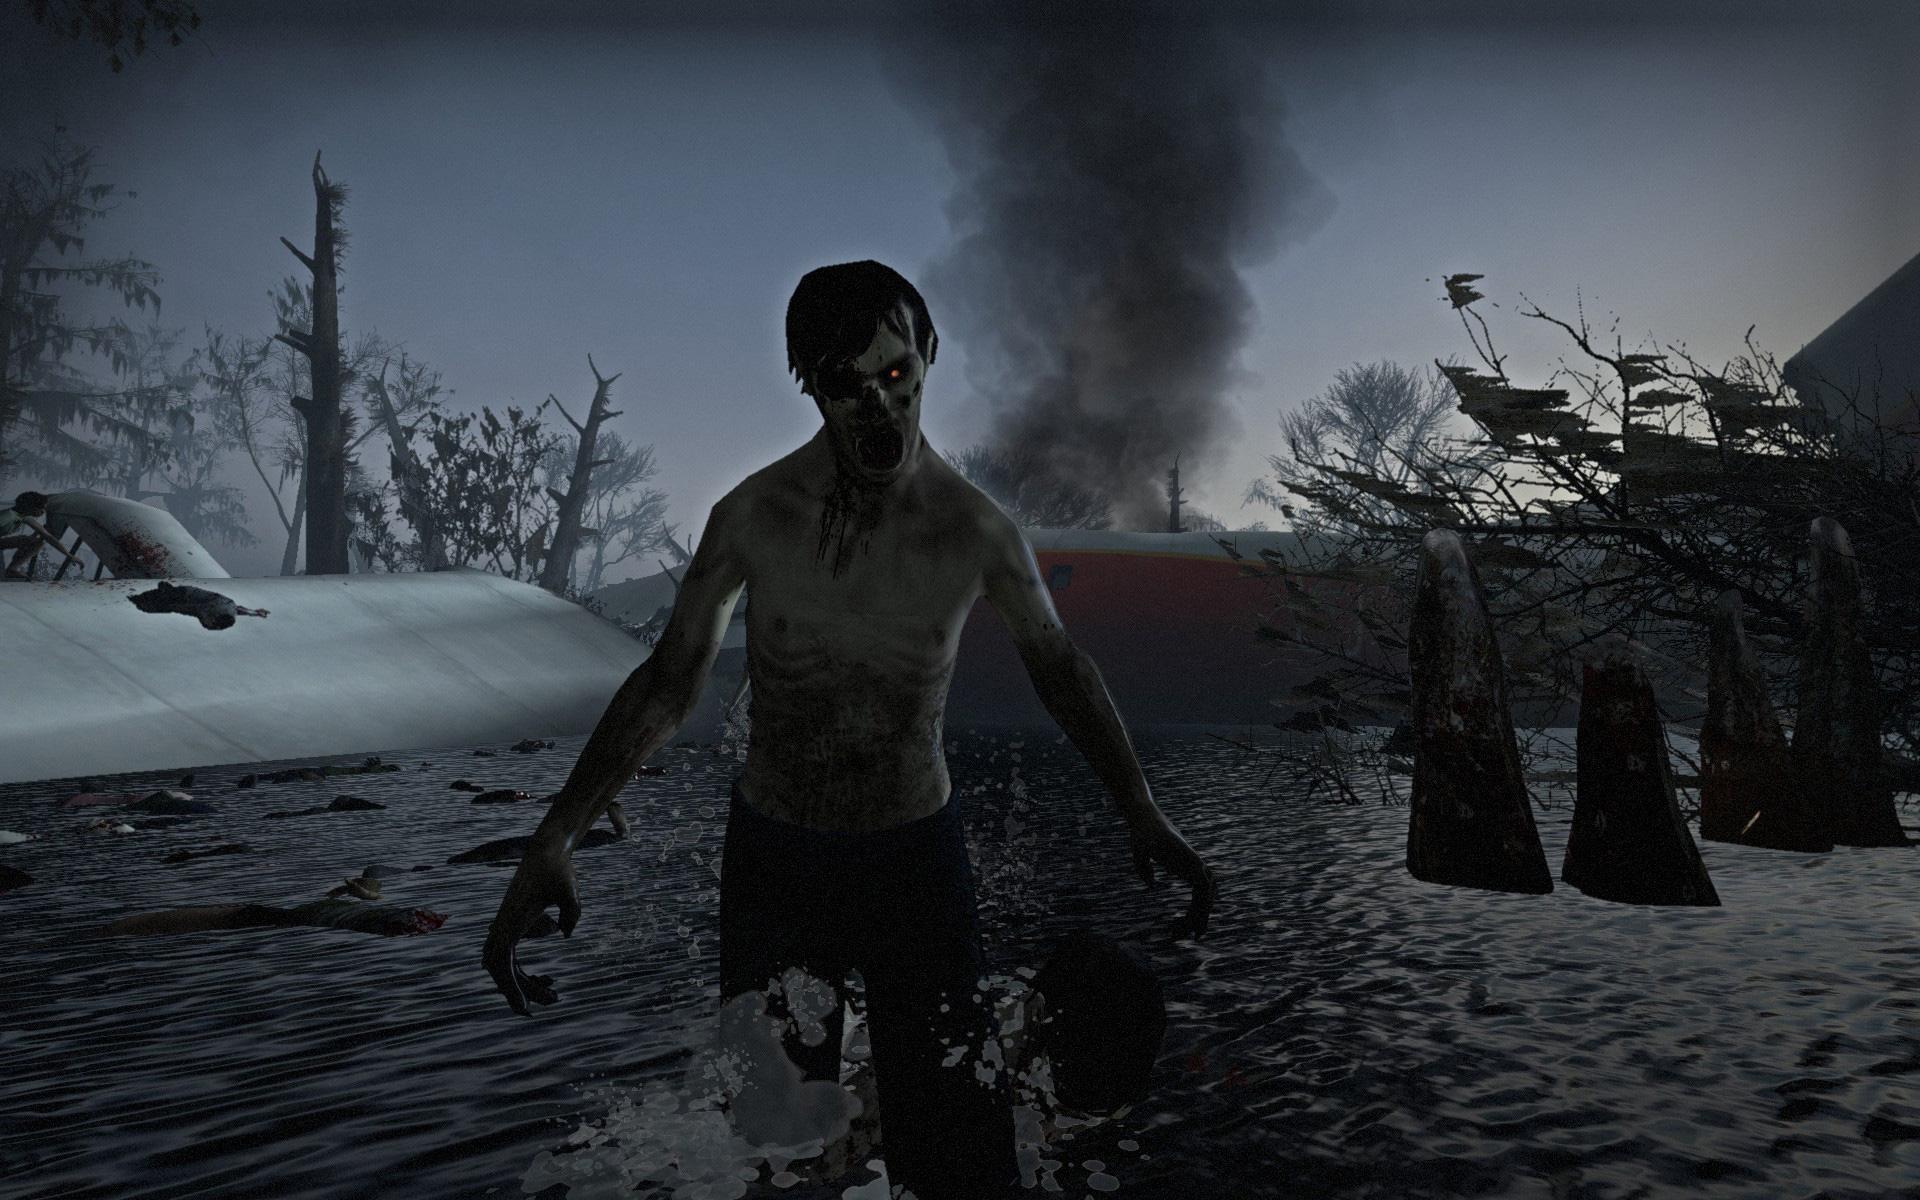 Bloody_witch l4d2 maps l4d left 4 dead sitemapxml